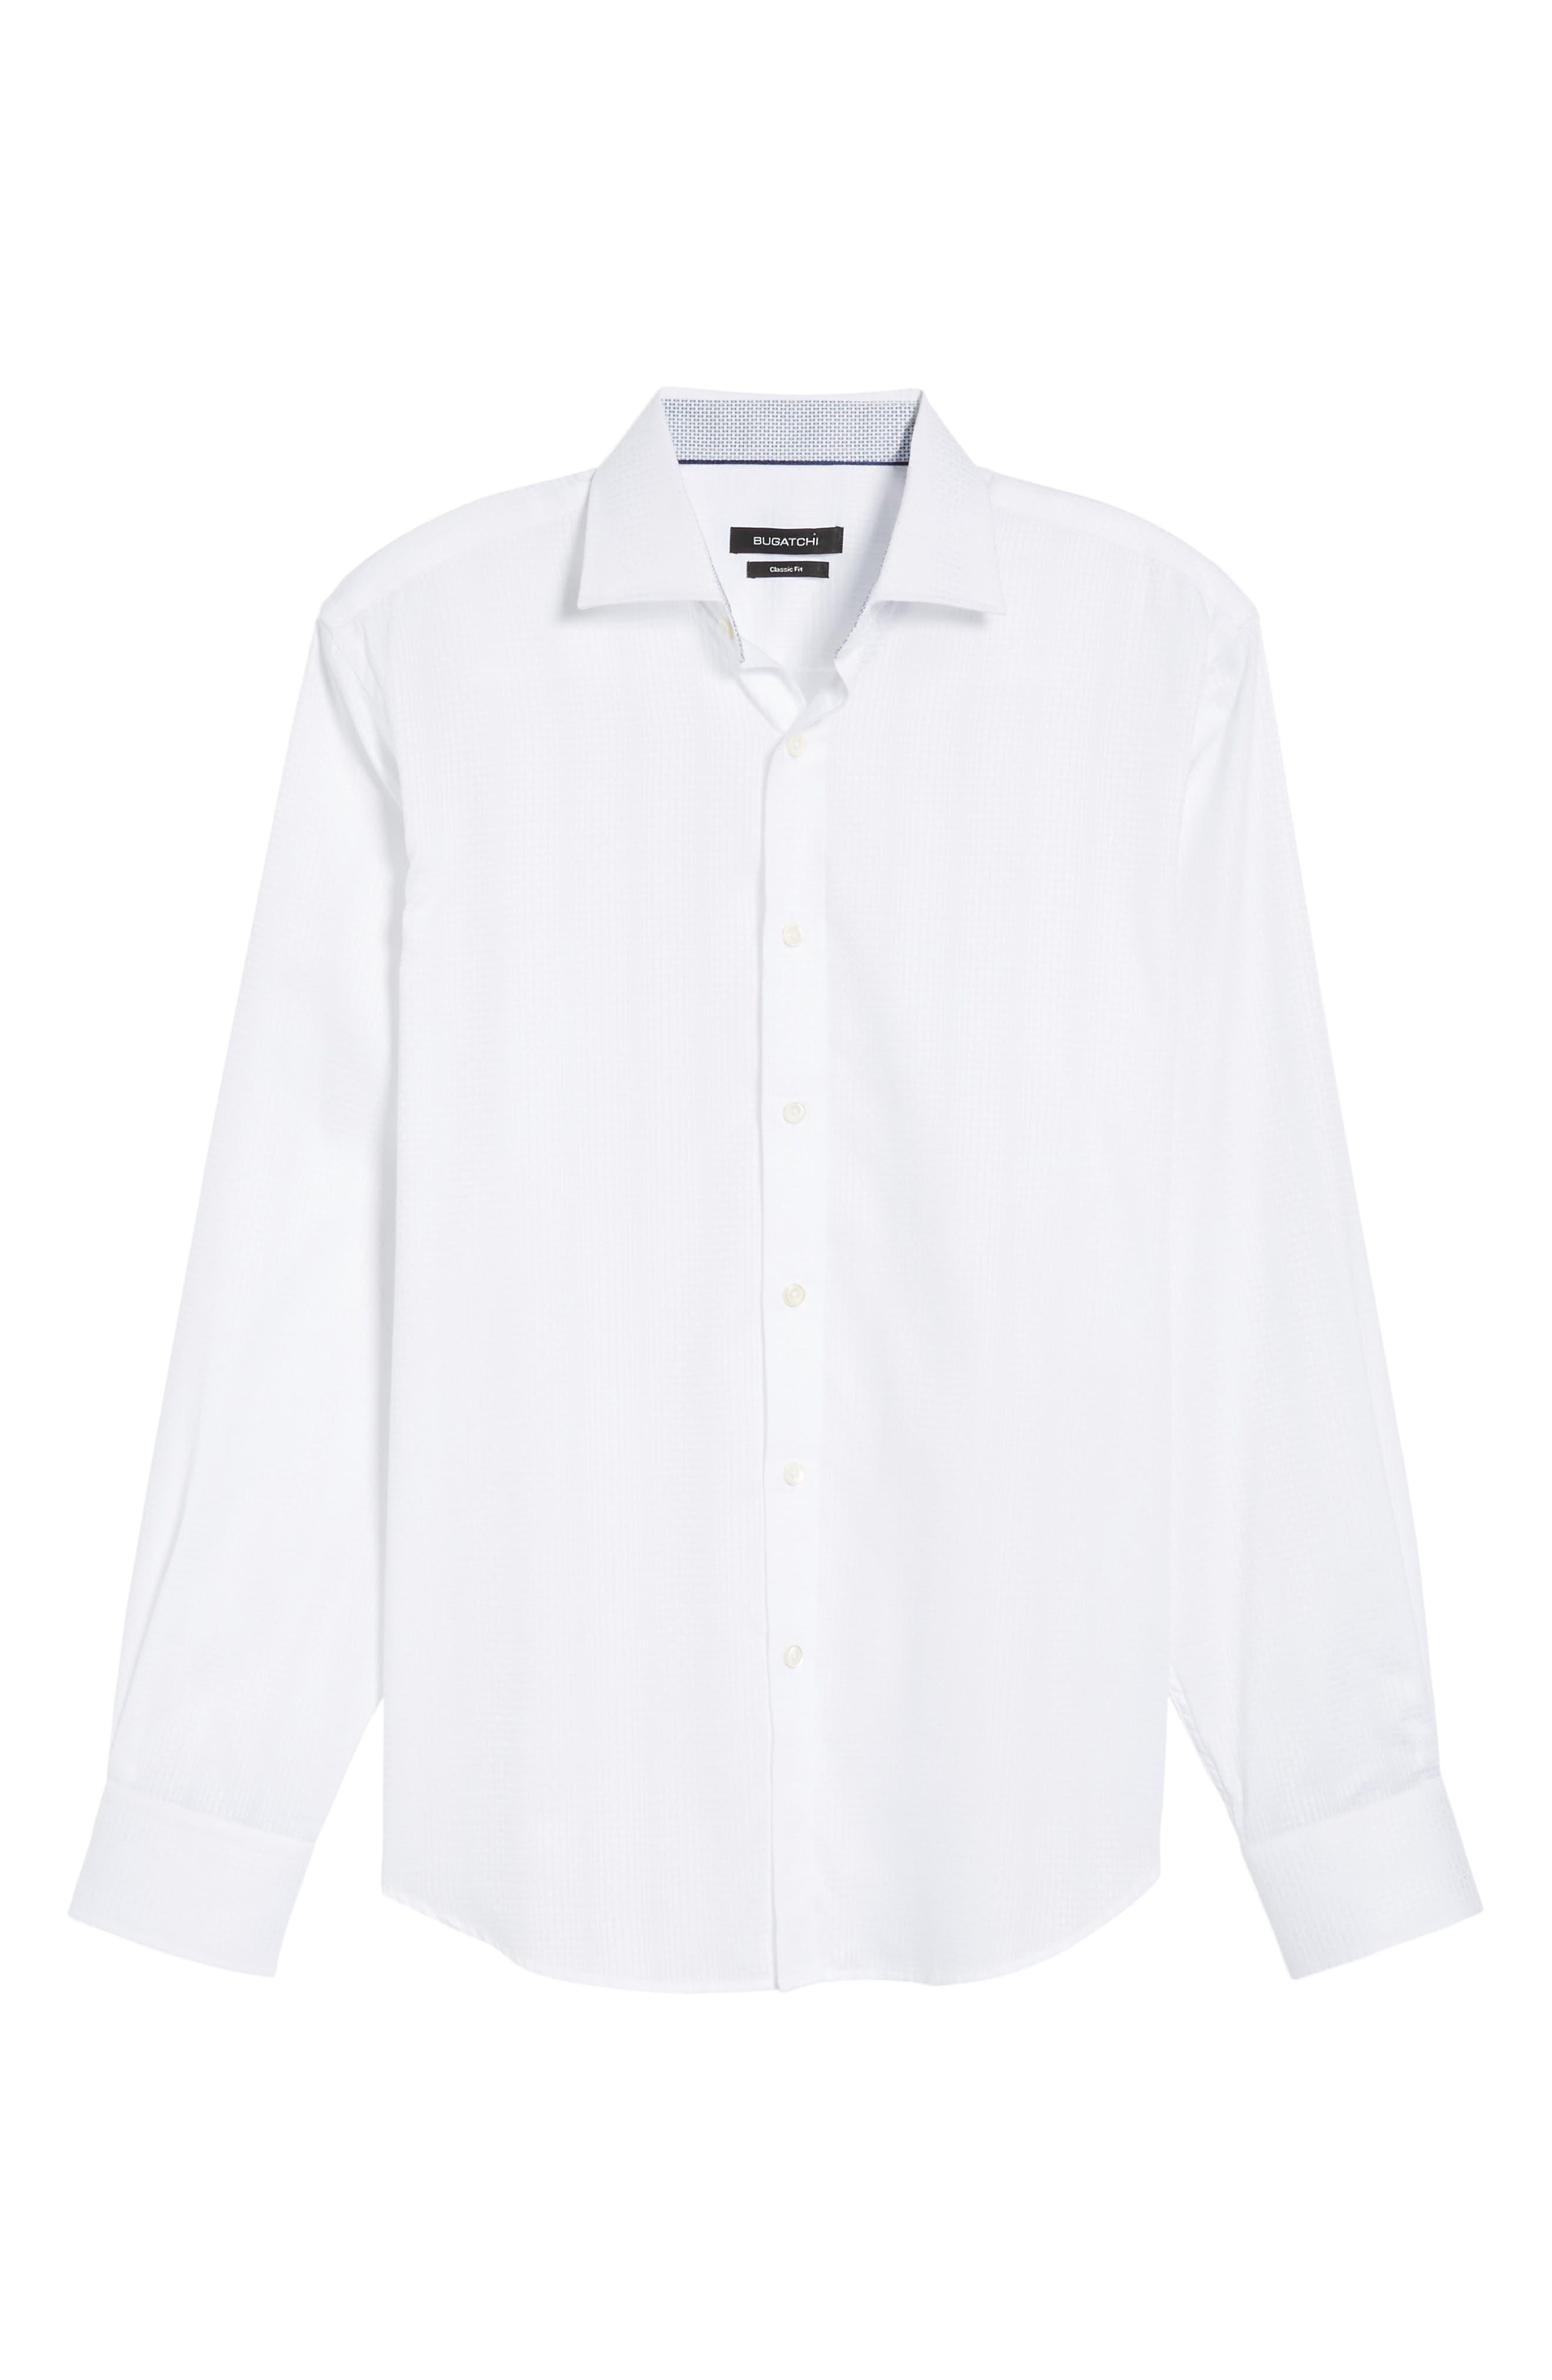 Tonal Diamond Jacquard Classic Fit Sport Shirt,                             Alternate thumbnail 6, color,                             100